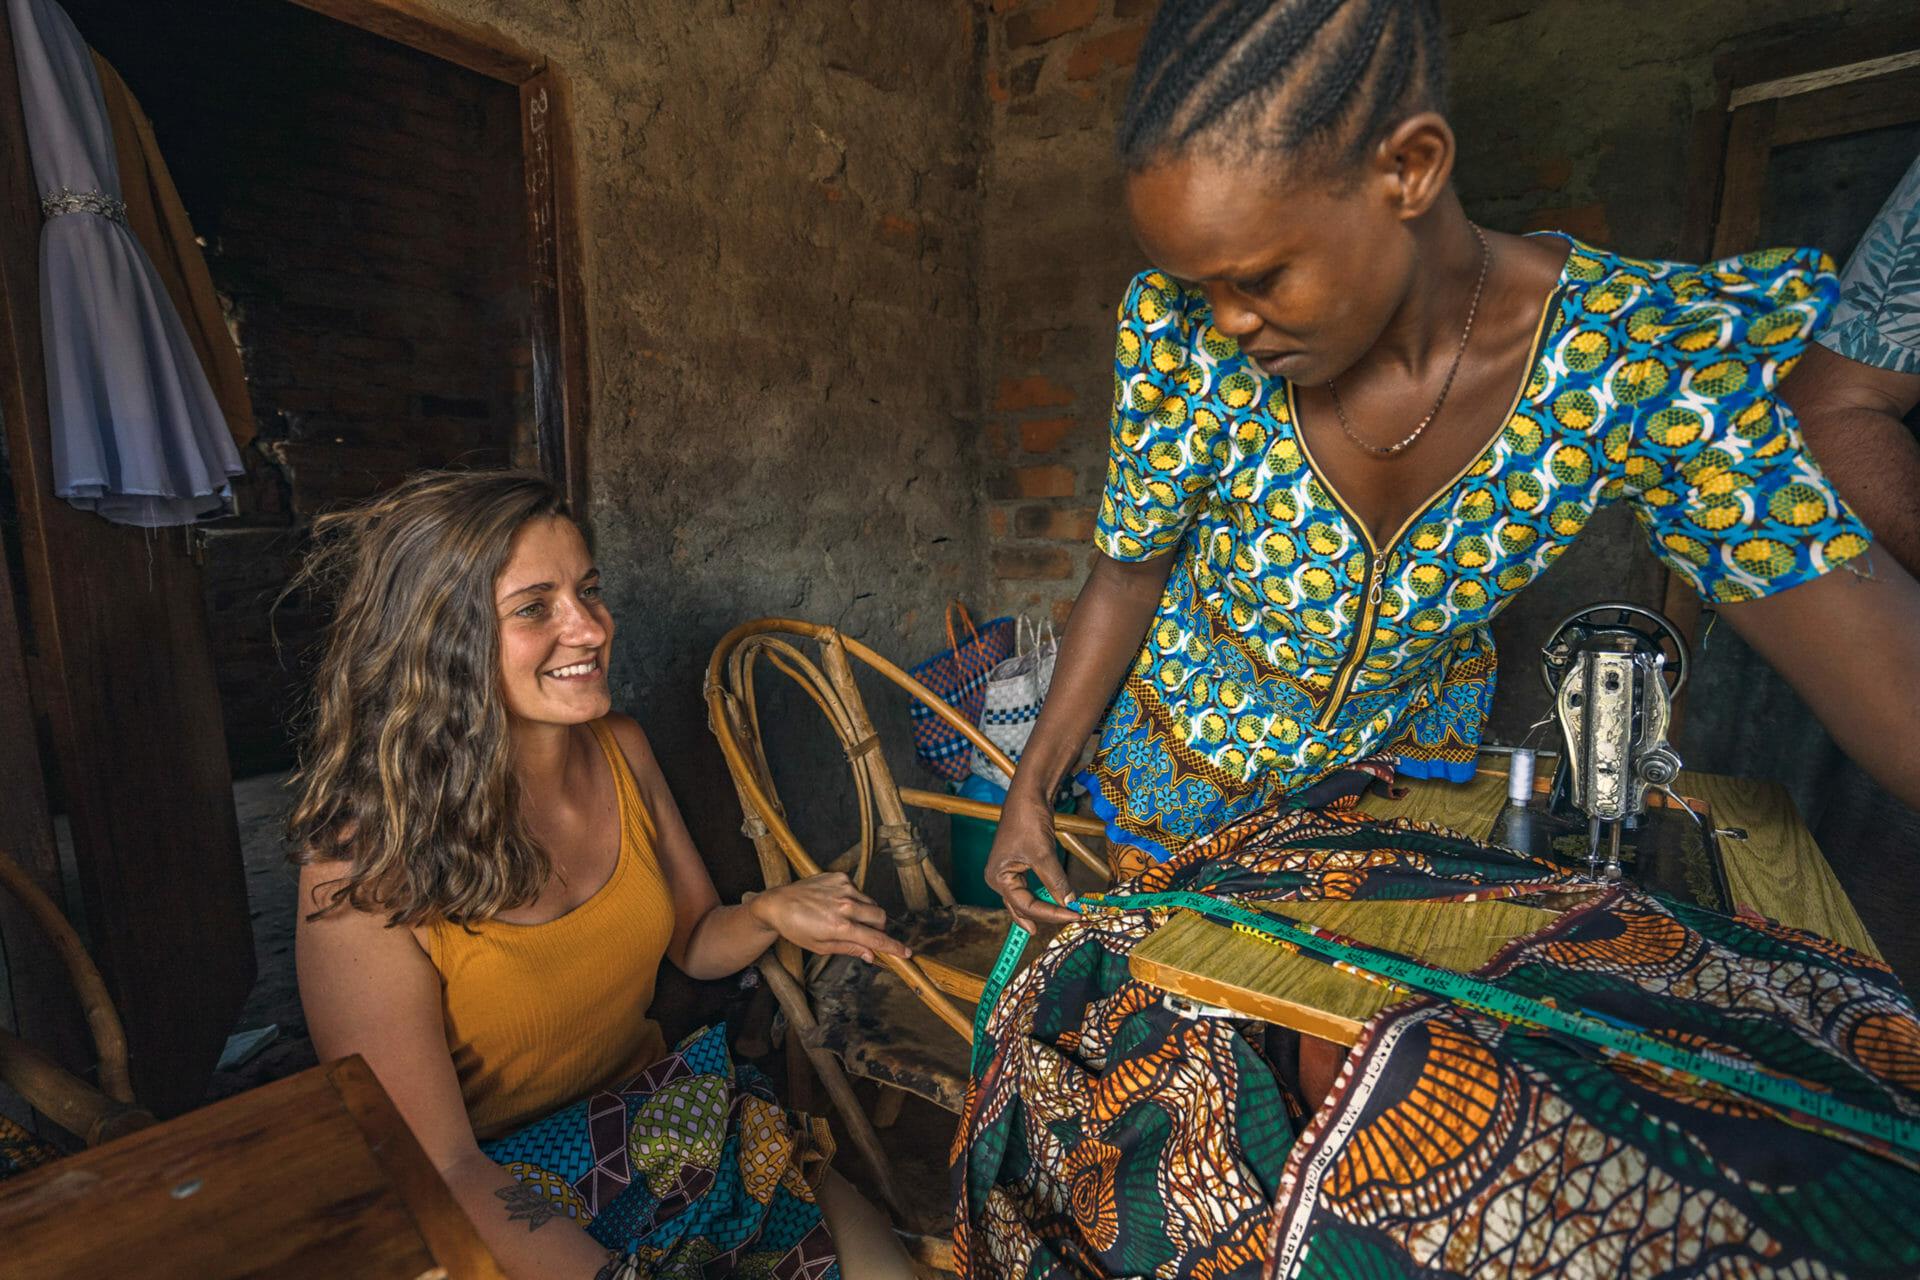 Tanzanie-headband-coiffure-tissu